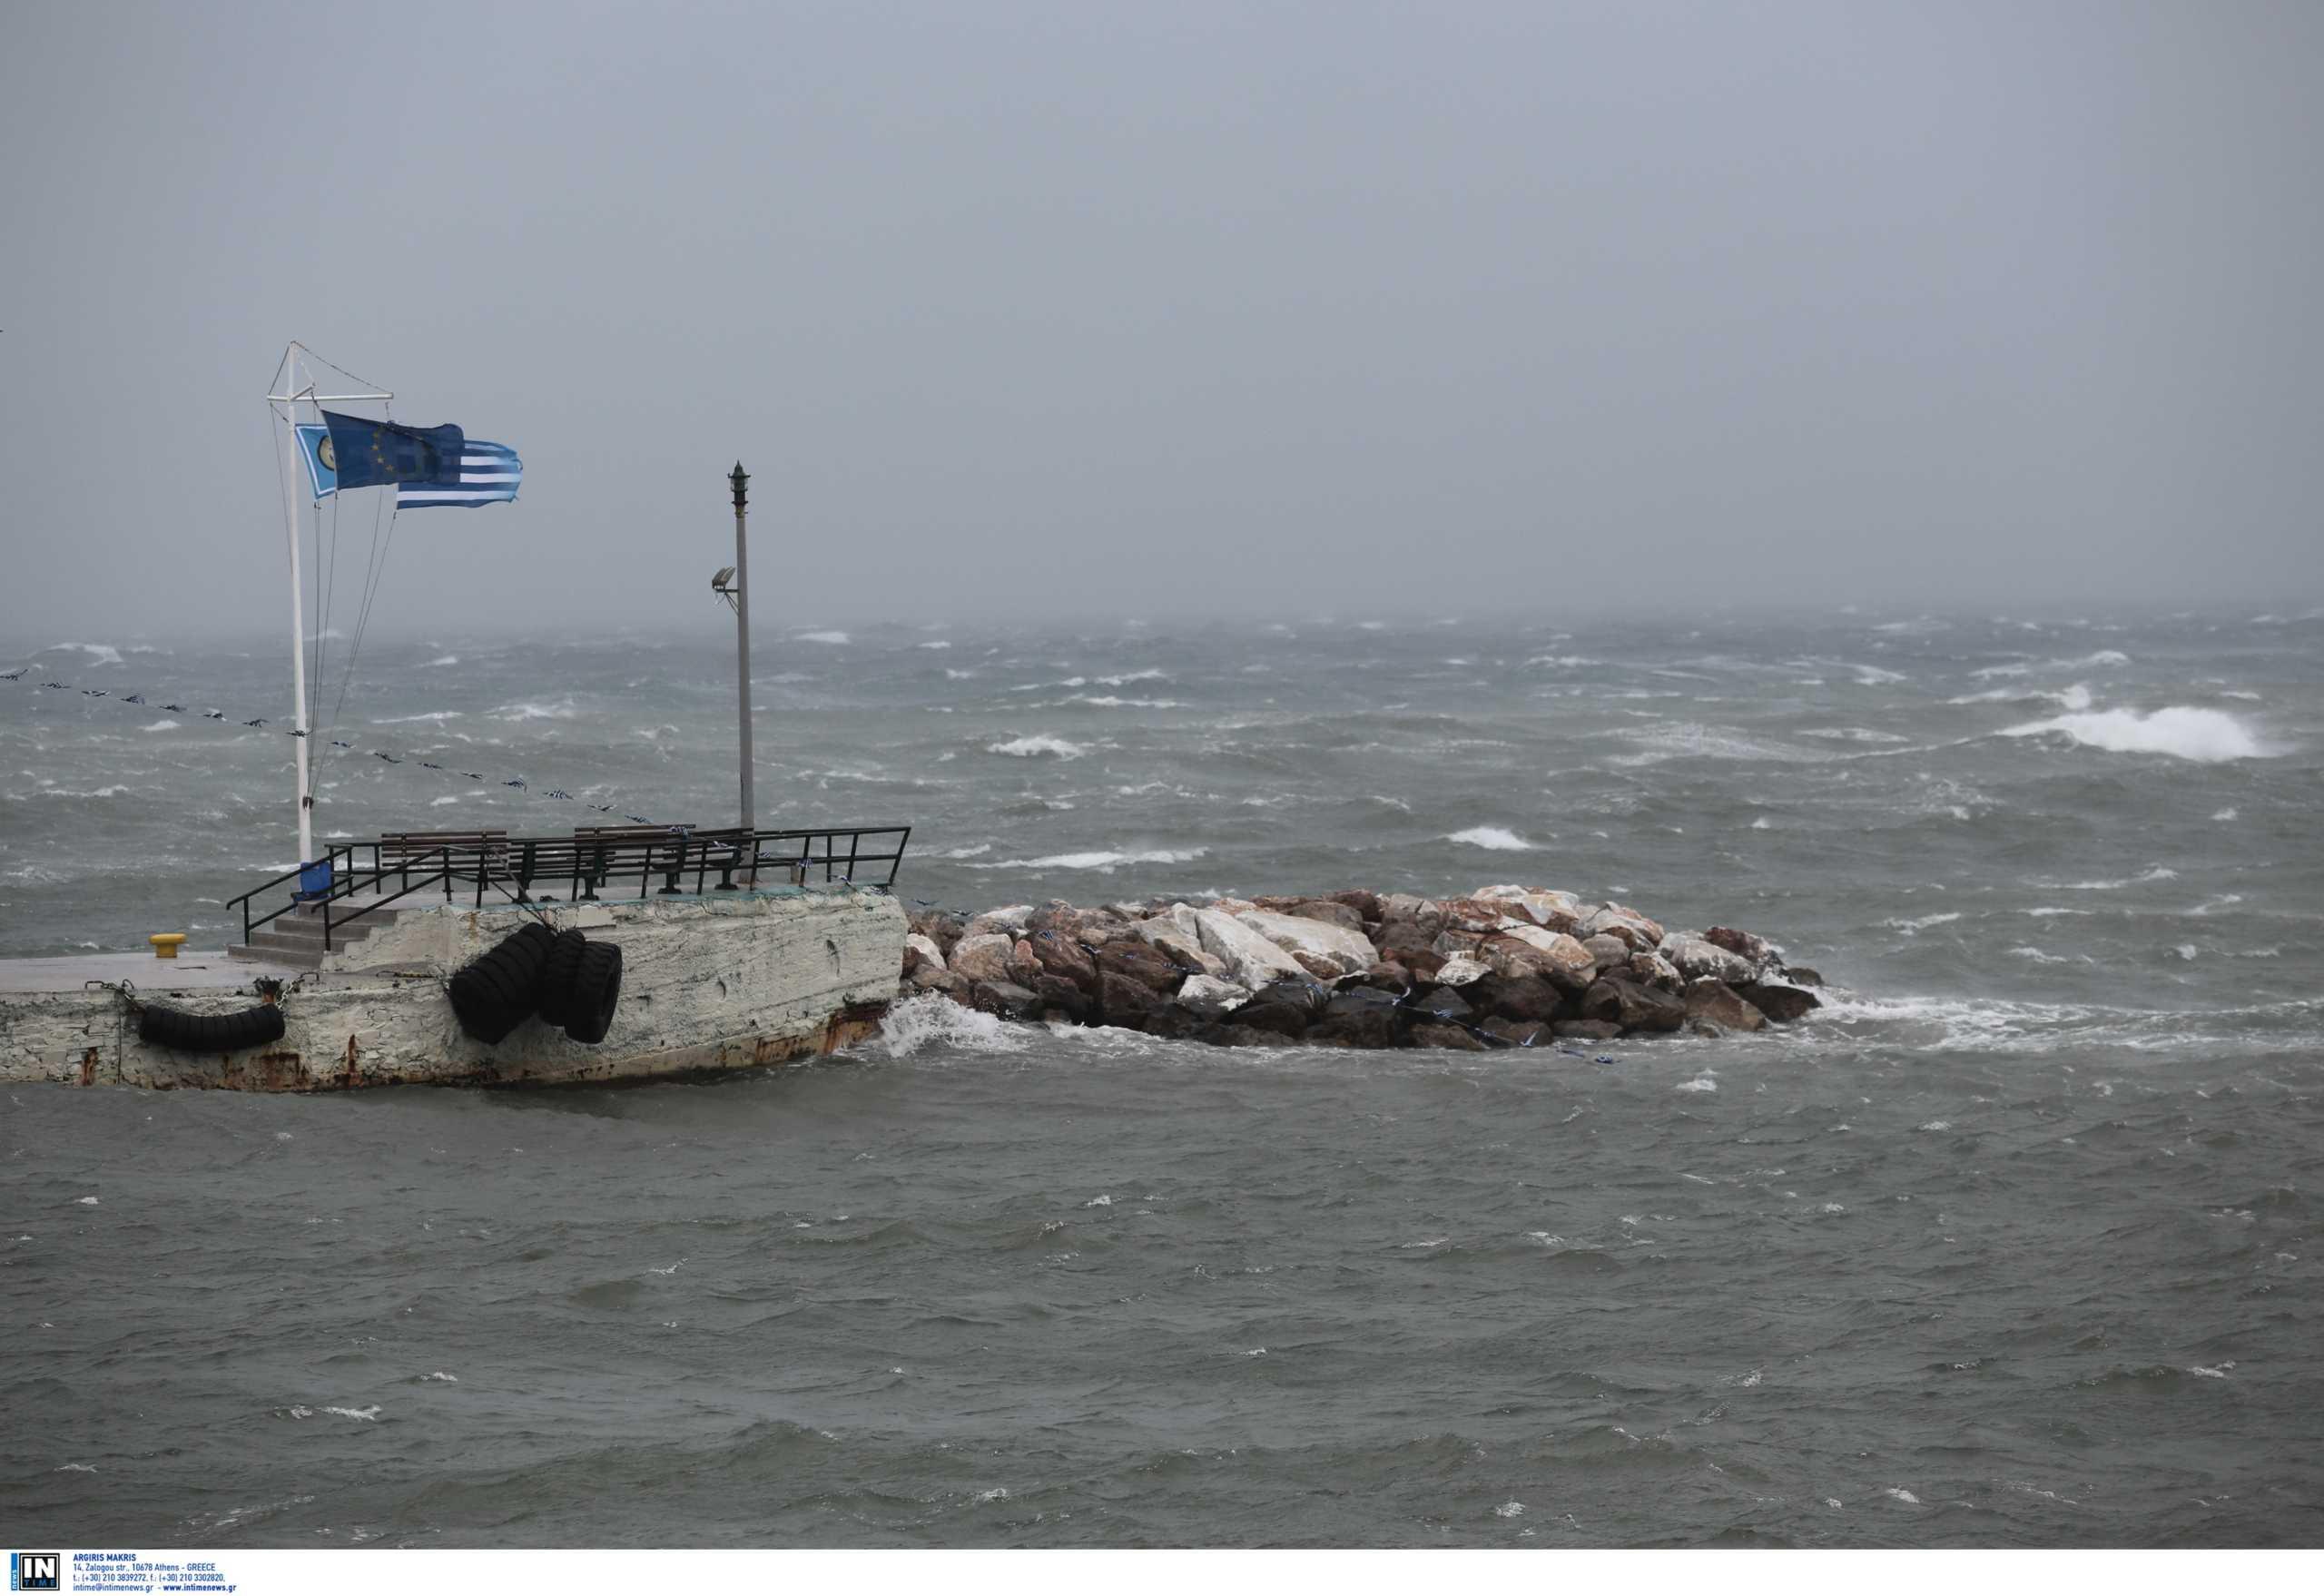 Καιρός σήμερα: Αγριεύει με βροχές και ισχυρές καταιγίδες